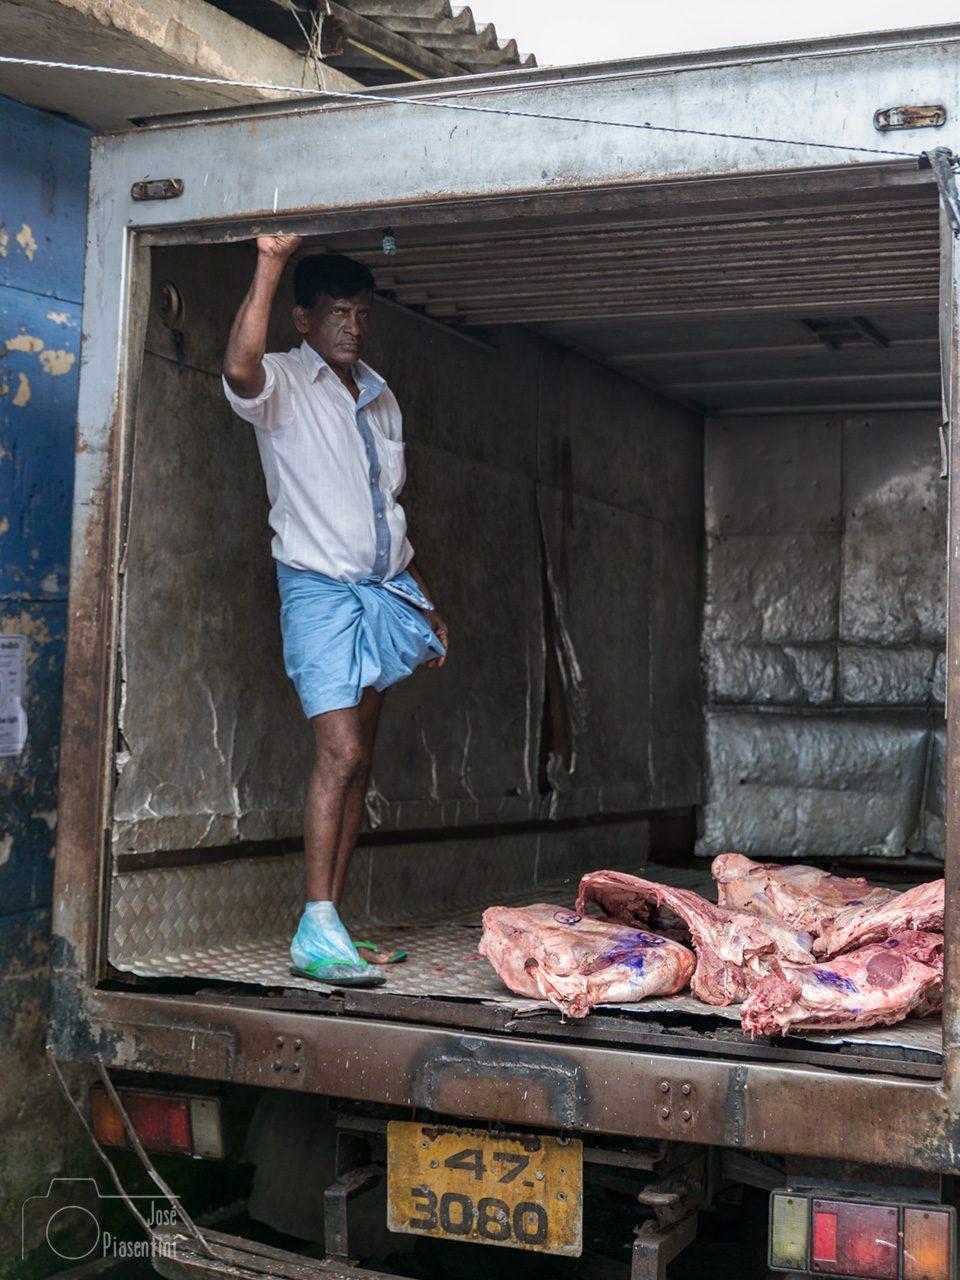 camion-de-la-carne